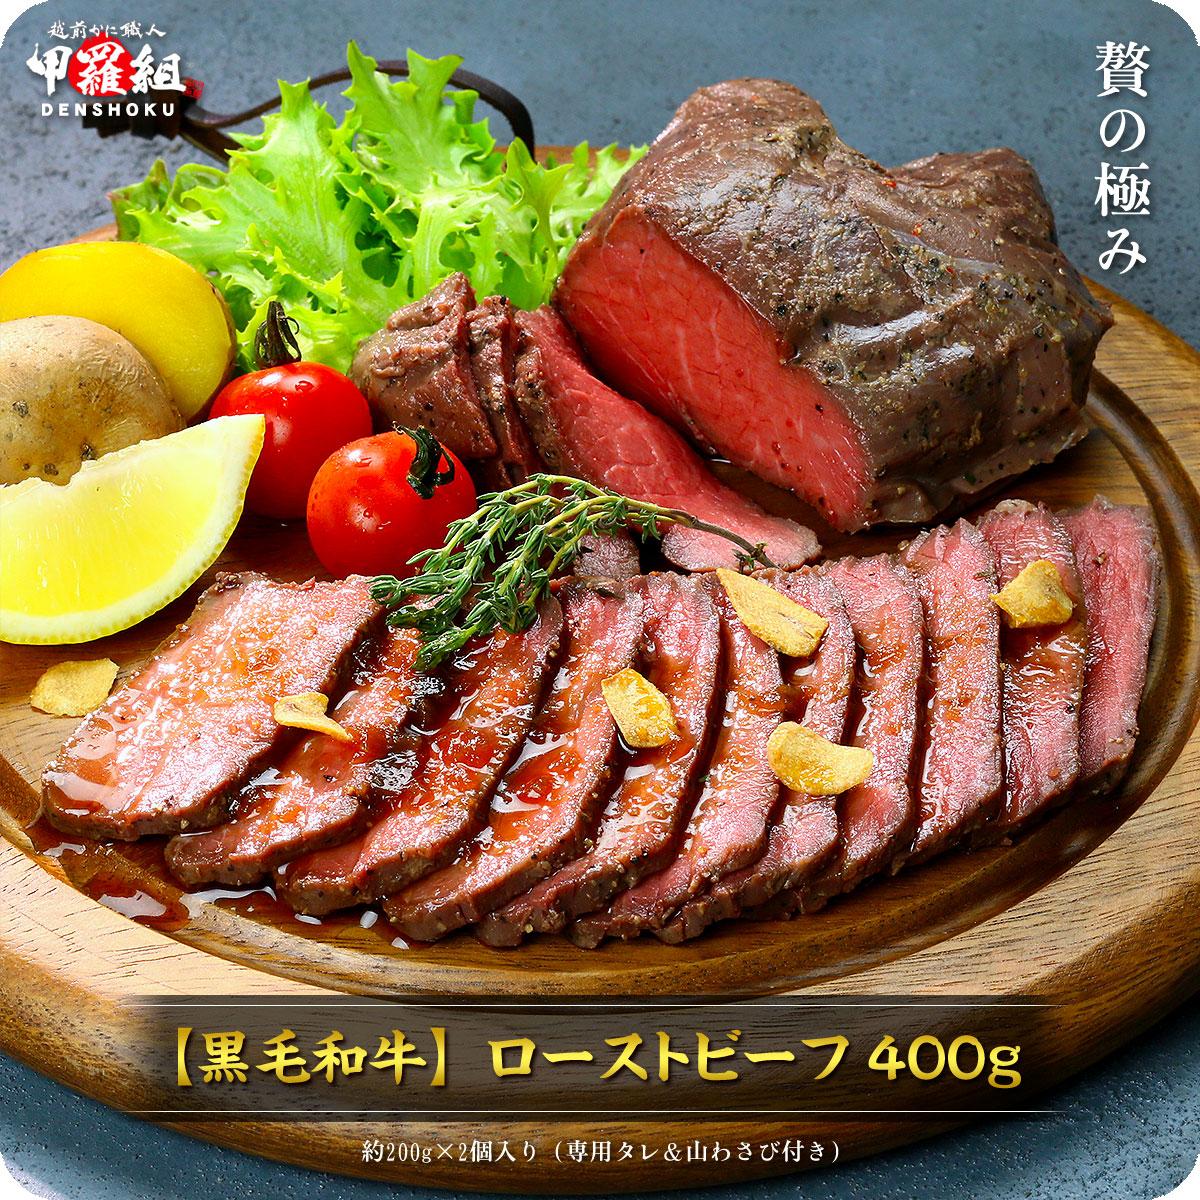 赤身と脂身のバランスが良い 黒毛和牛 の内モモ肉を厳選 しっとり柔らか ローストビーフ 400g 200g×2個 専用ソース 贈呈 再再販 西洋わさび付き